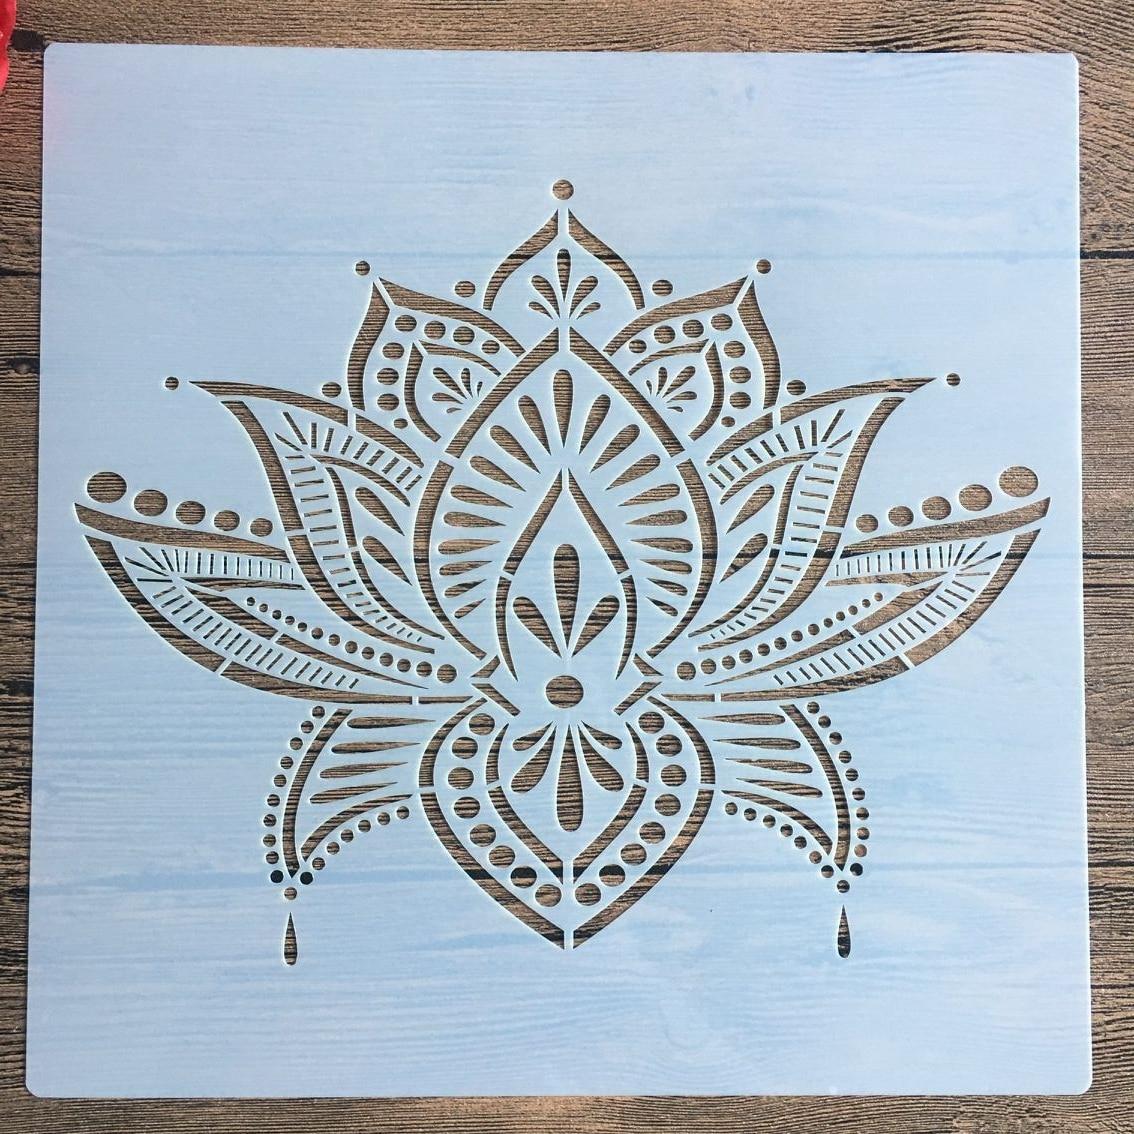 Размер 30*30 см, оформление своими руками, фотоальбом, тисненый бумажный картон на дереве, ткани, стене